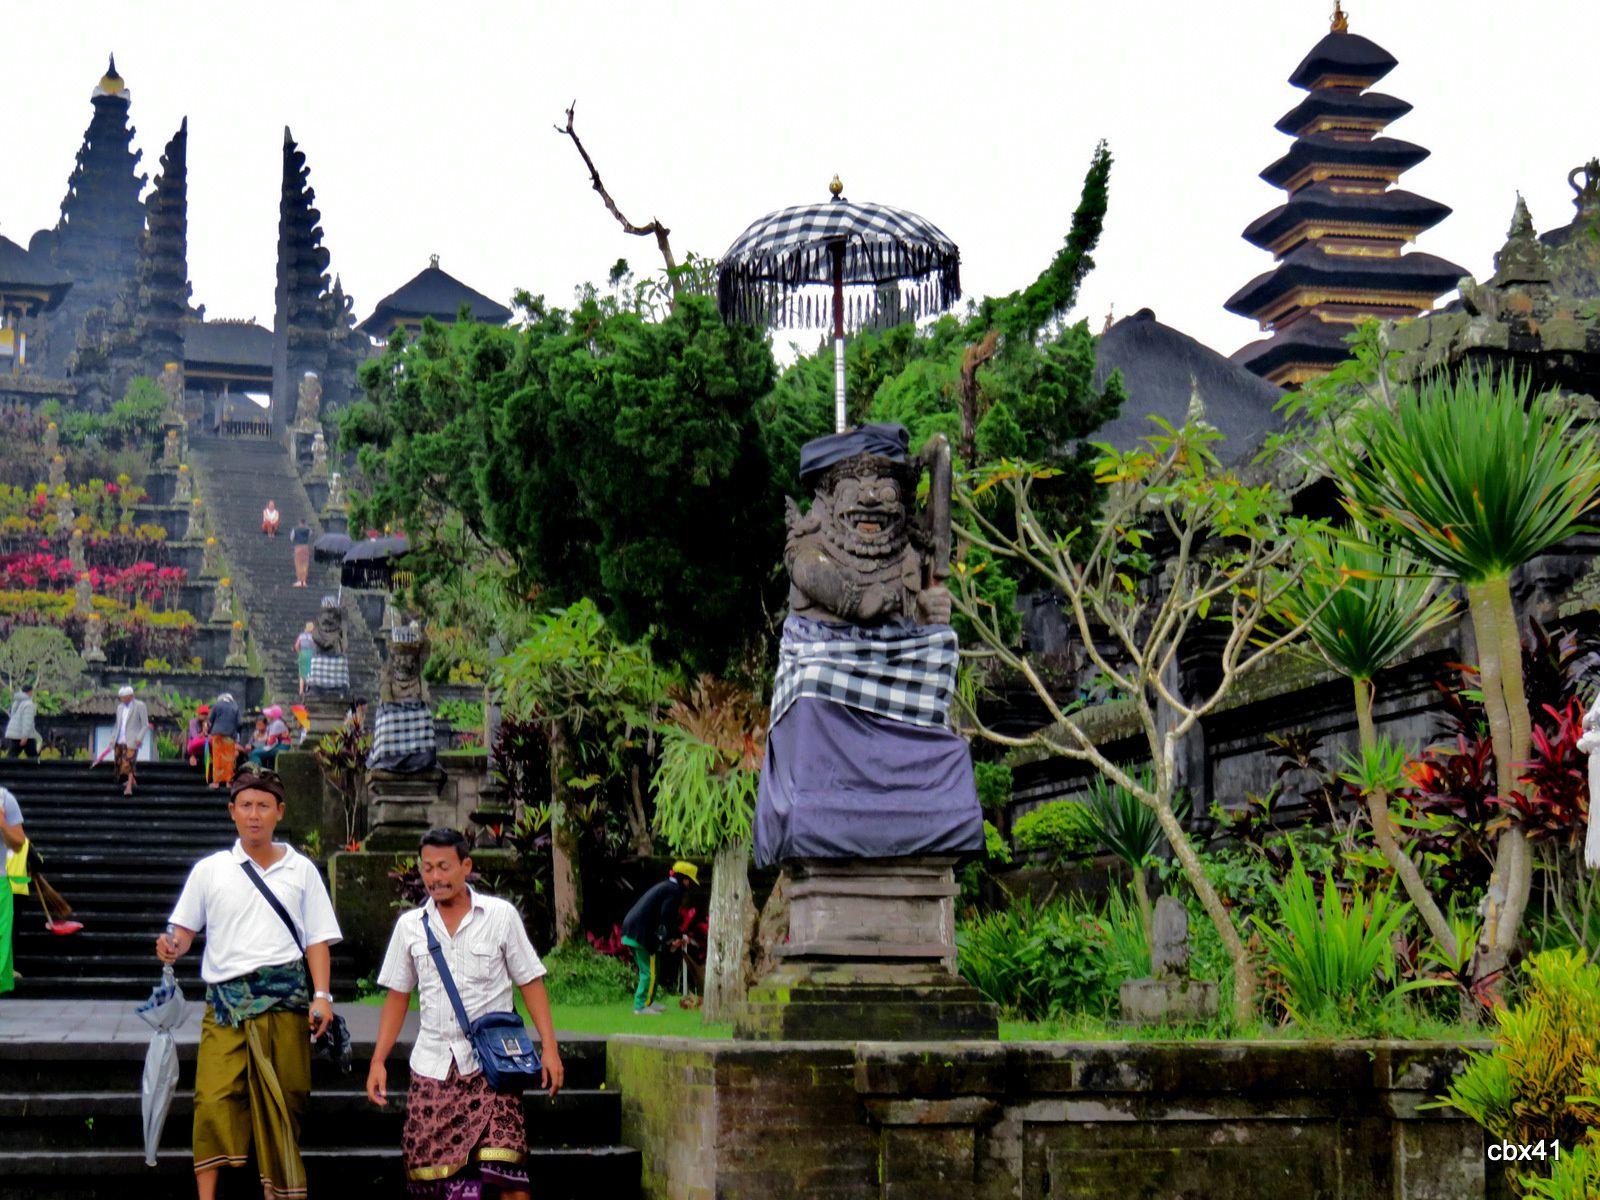 Temple (pura) Basukian Puseh Jagat, génies du grand escalier, Bali (Indonésie)